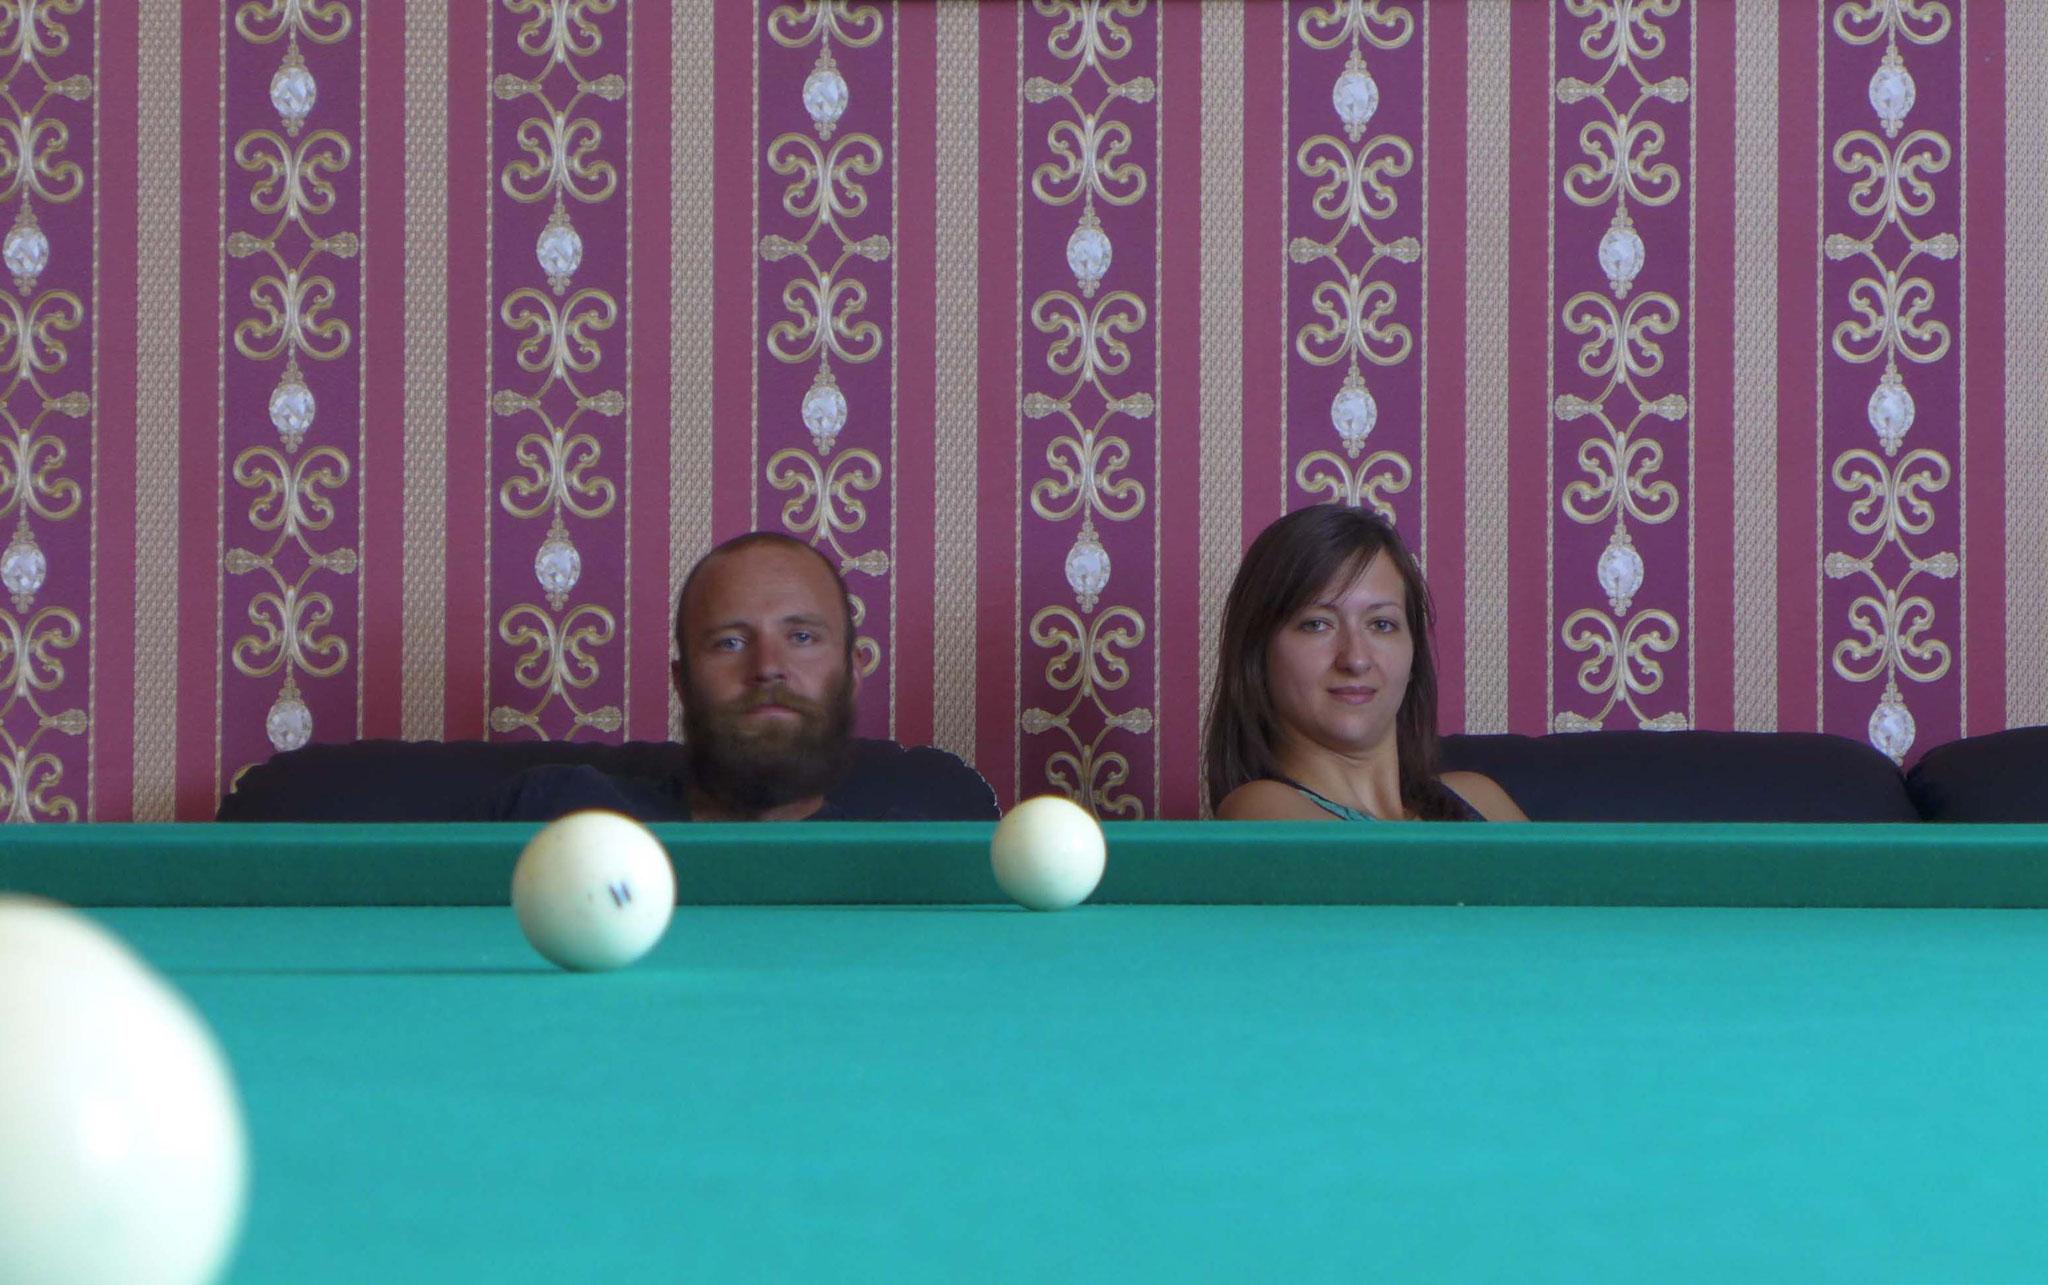 Eine Runde Snooker gefällig?